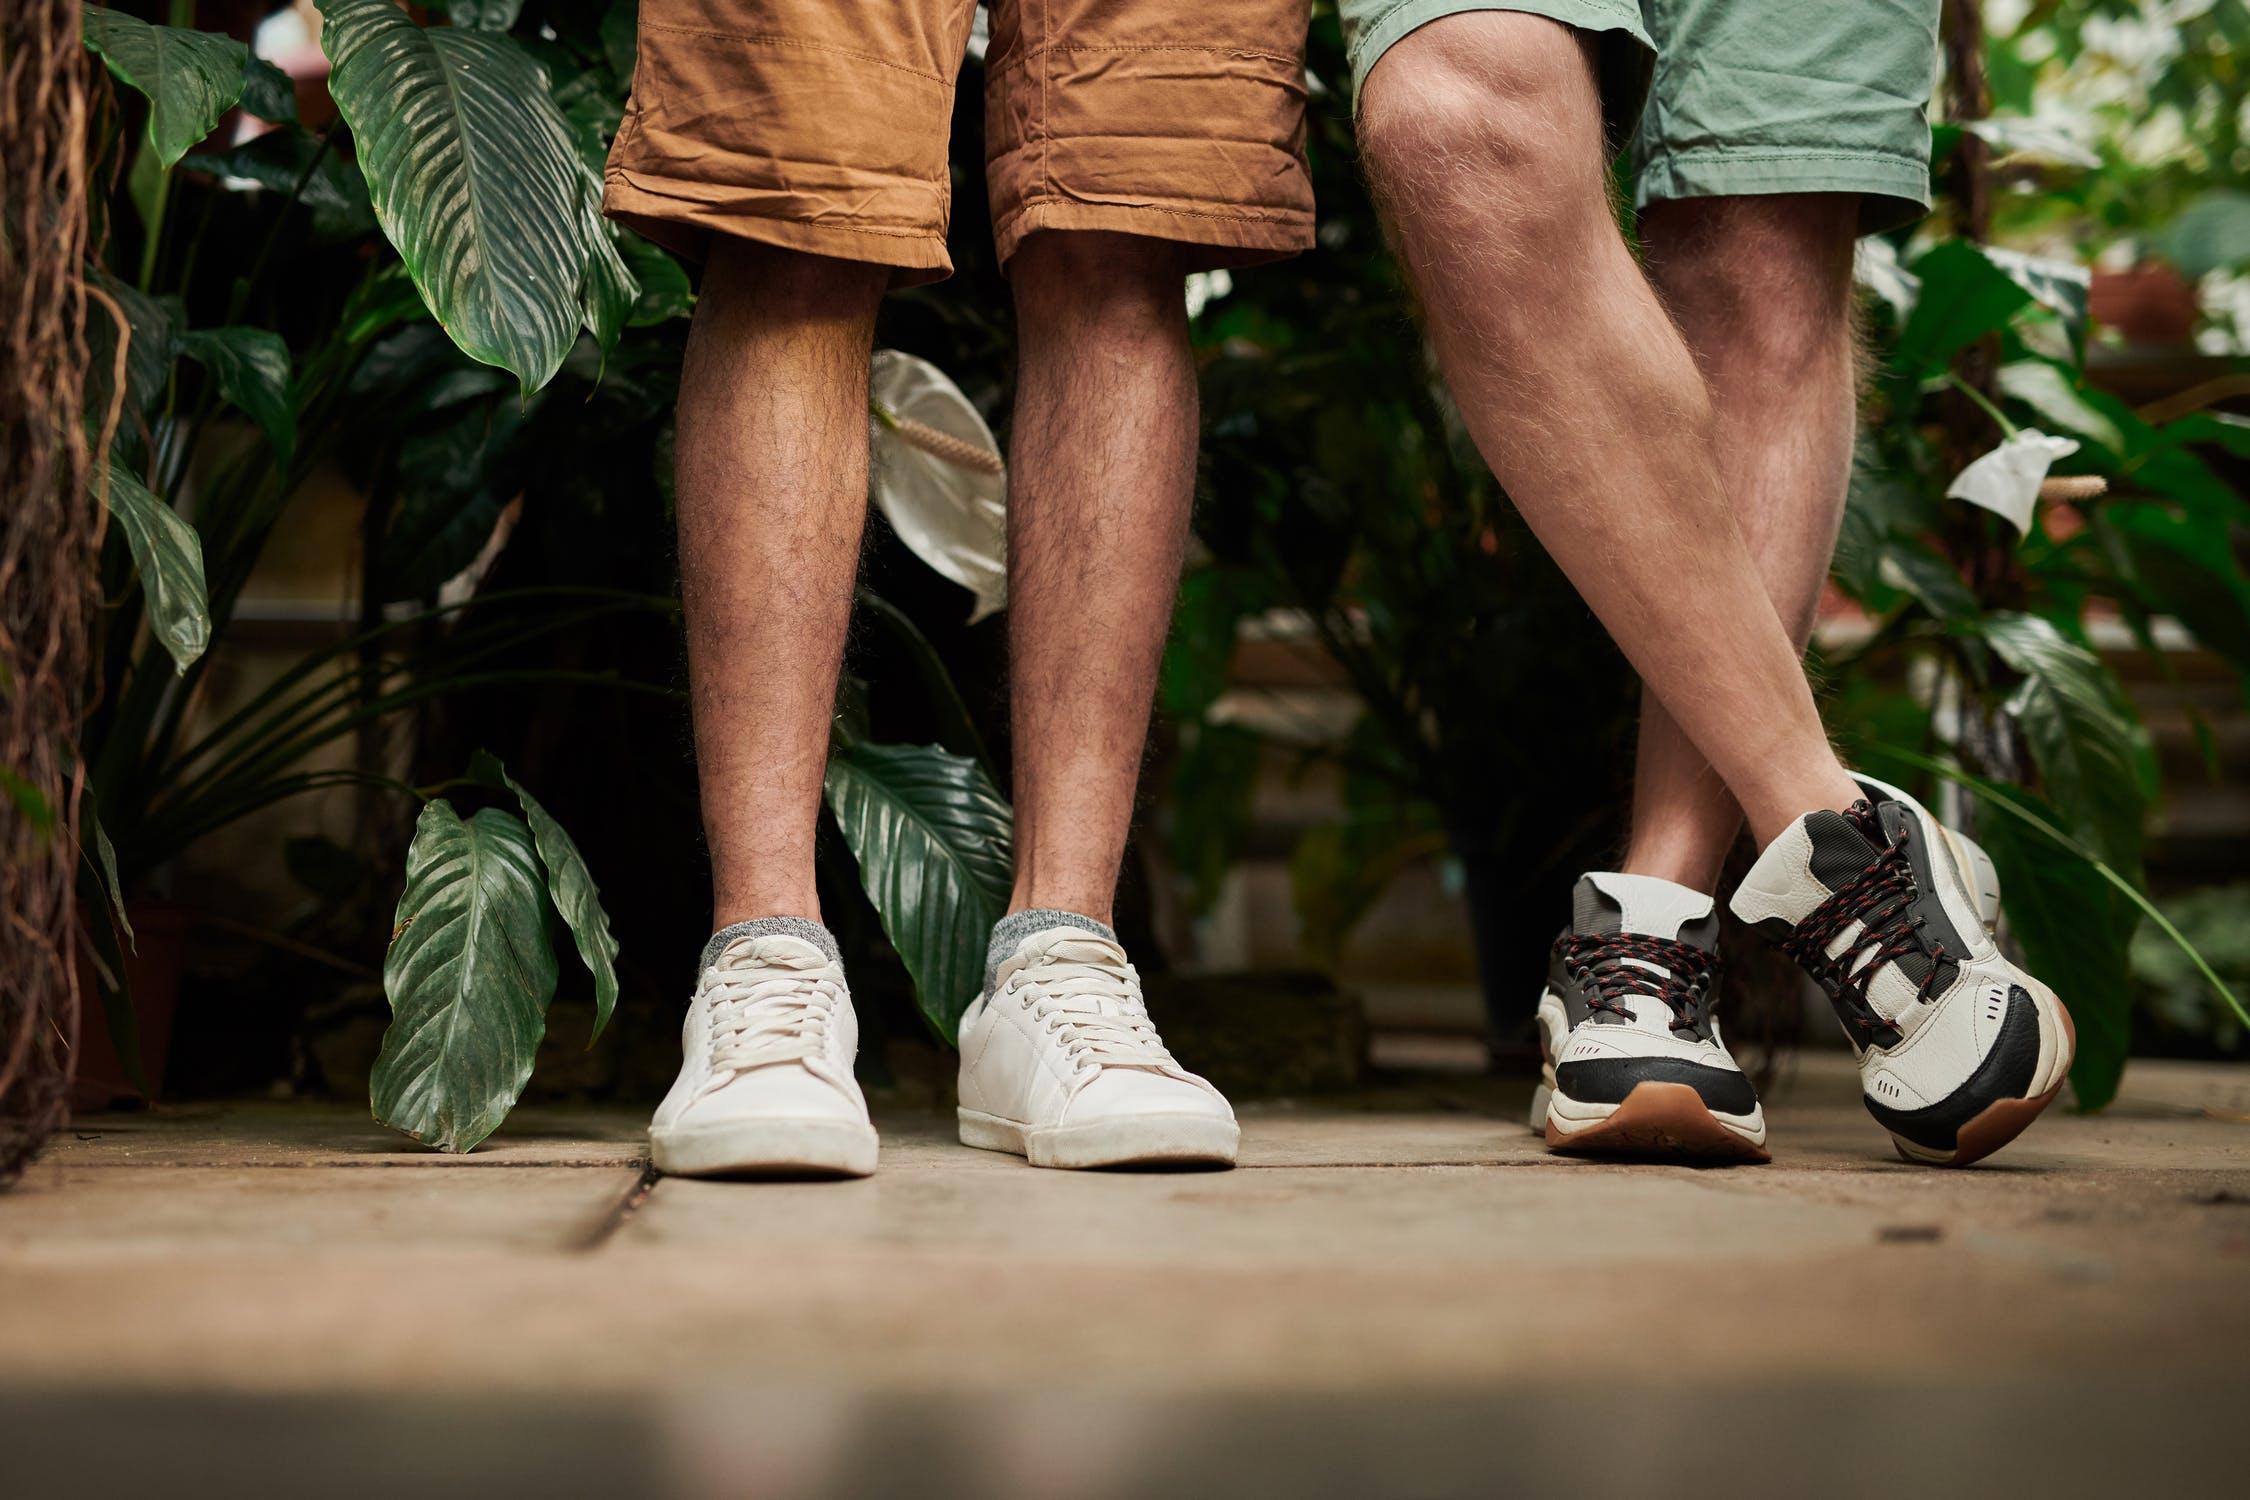 Phép lịch sự tối thiểu ai cũng nên biết; phep lich su; phép lịch sự trong giao tiếp; phép lịch sự trong ăn uống; Muốn đánh giá phẩm chất đàn ông, hãy nhìn đôi giày mà anh ta đi.